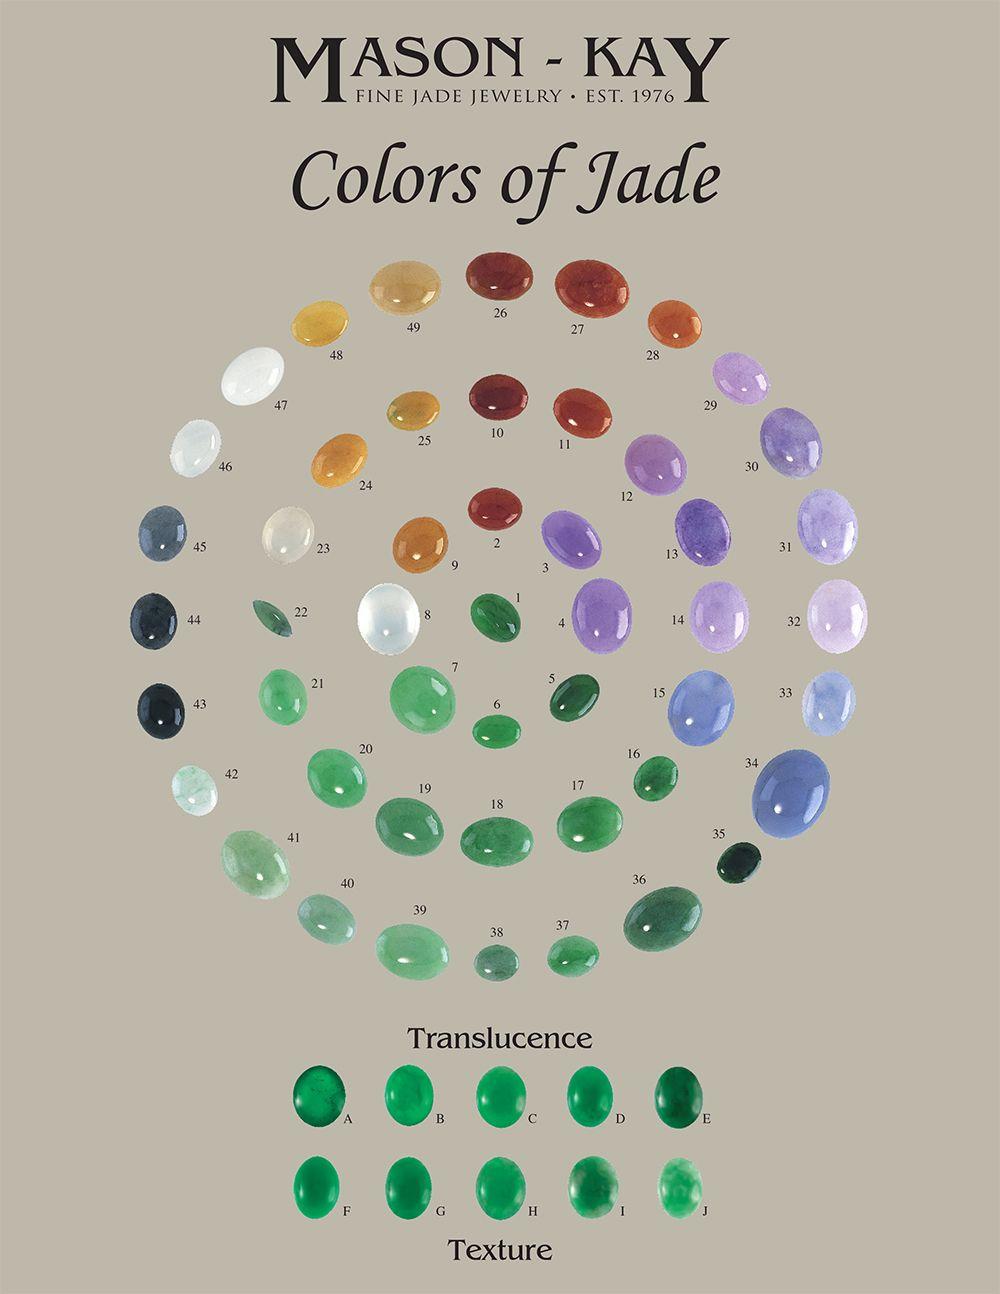 New & Improved Color Of Jade Chart by Mason-kay Jade | Jade ...